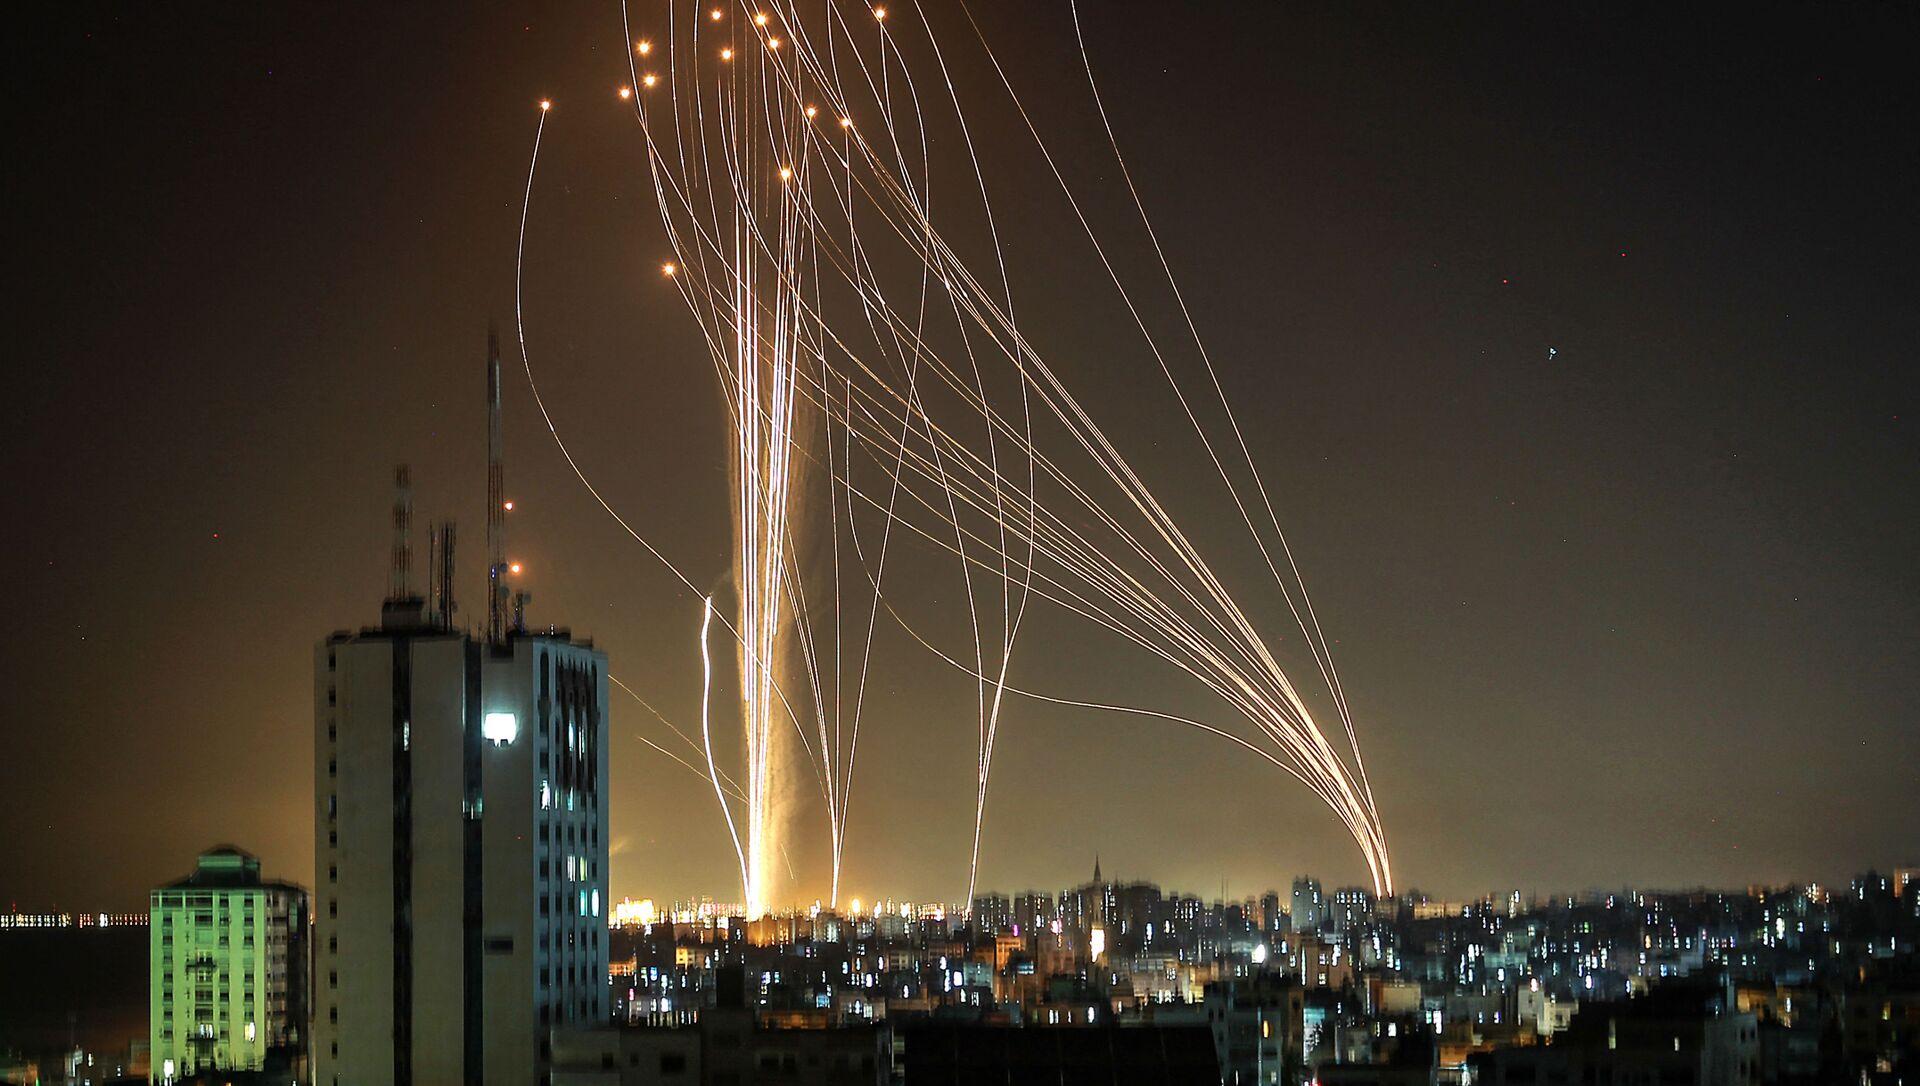 Pociski wystrzeliwane z miasta Gaza kontrolowanego przez palestyński ruch Hamas - Sputnik Polska, 1920, 14.05.2021